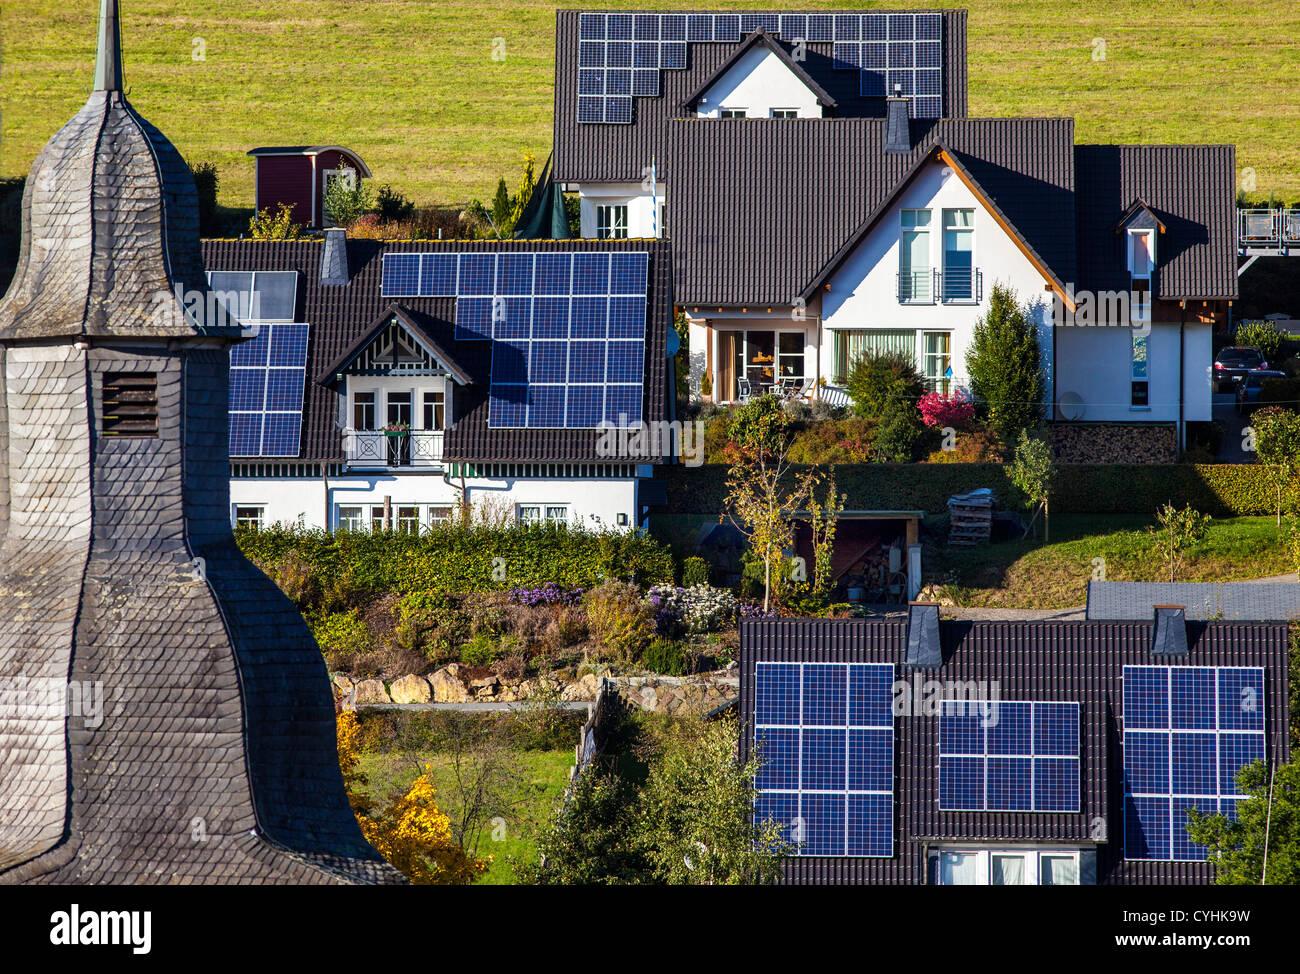 Pannelli solari sul tetto di case private. Energia solare termica. Immagini Stock